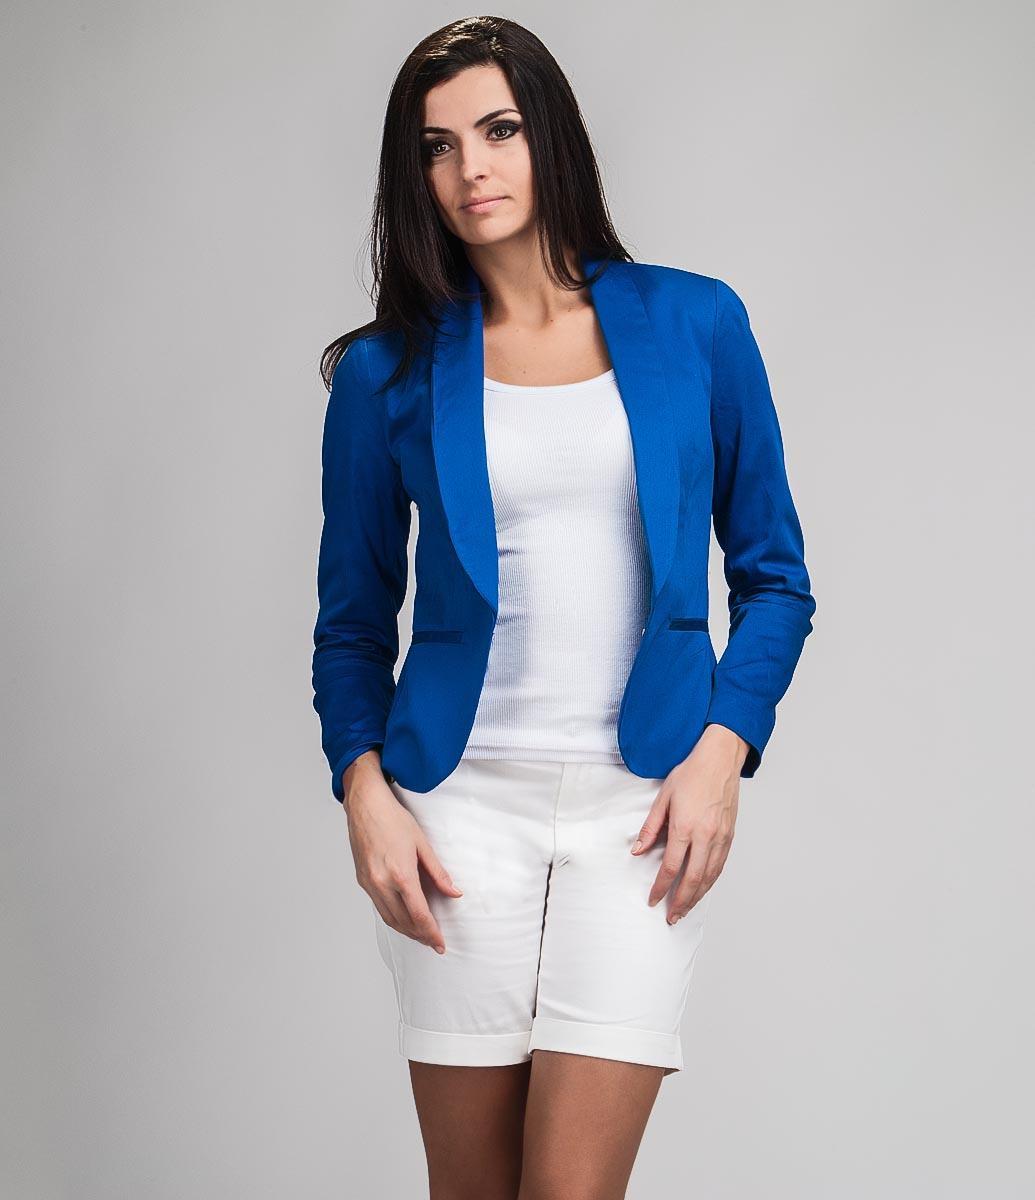 7b02e1cc4a Especial looks com blazer feminino da moda  Azul